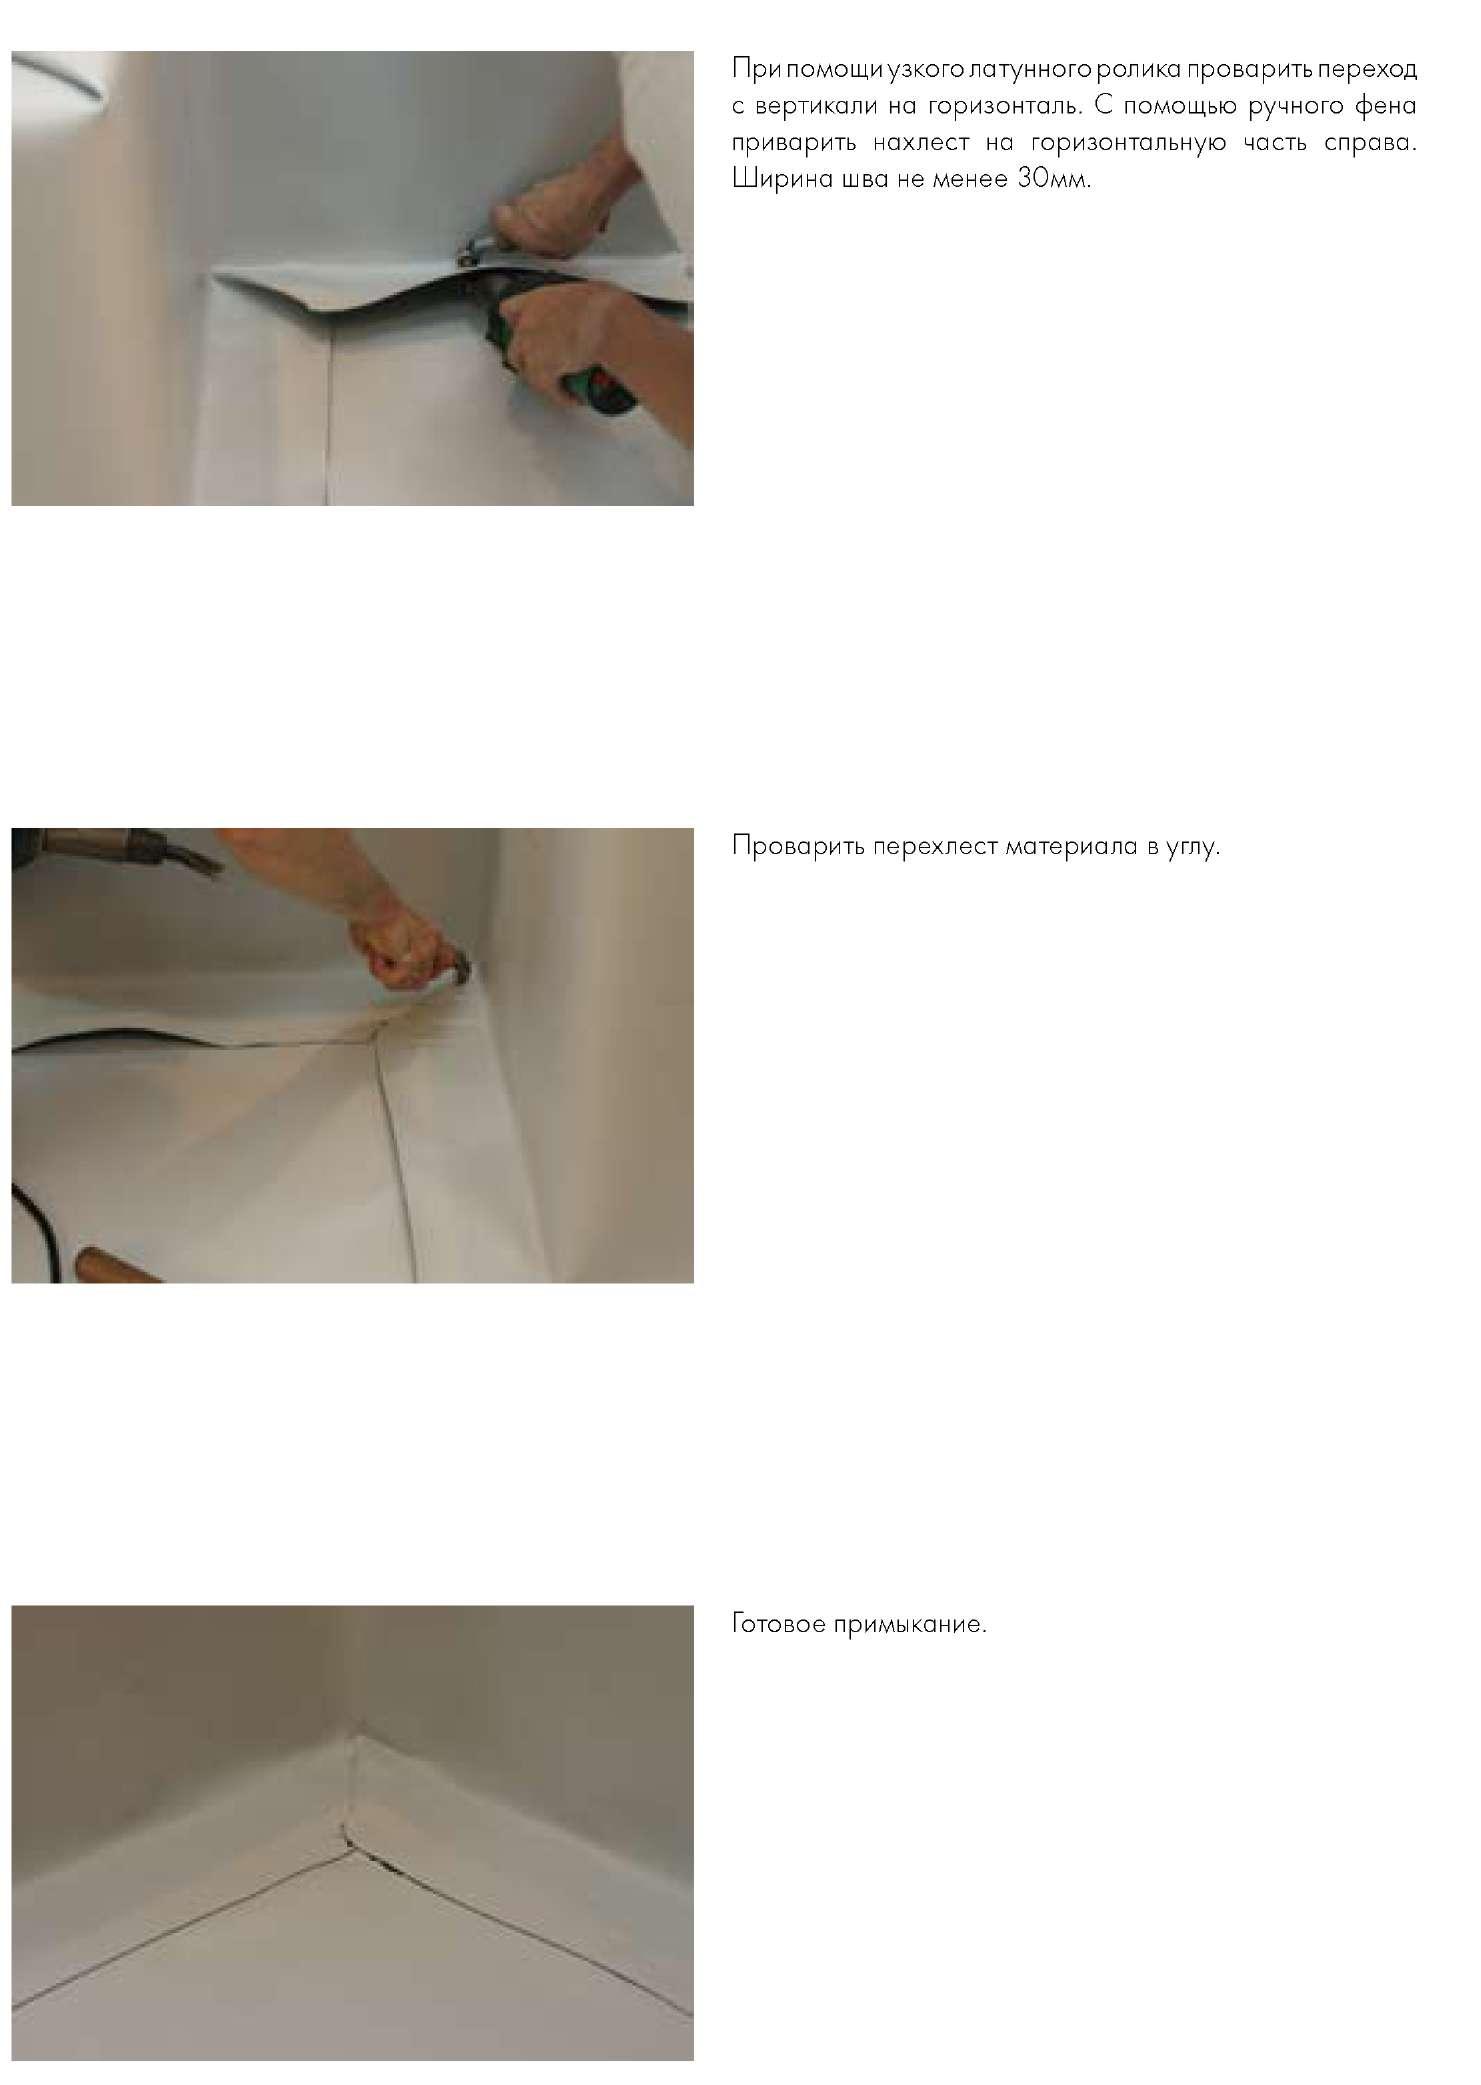 Клей для теплоизоляции отзывы люкс